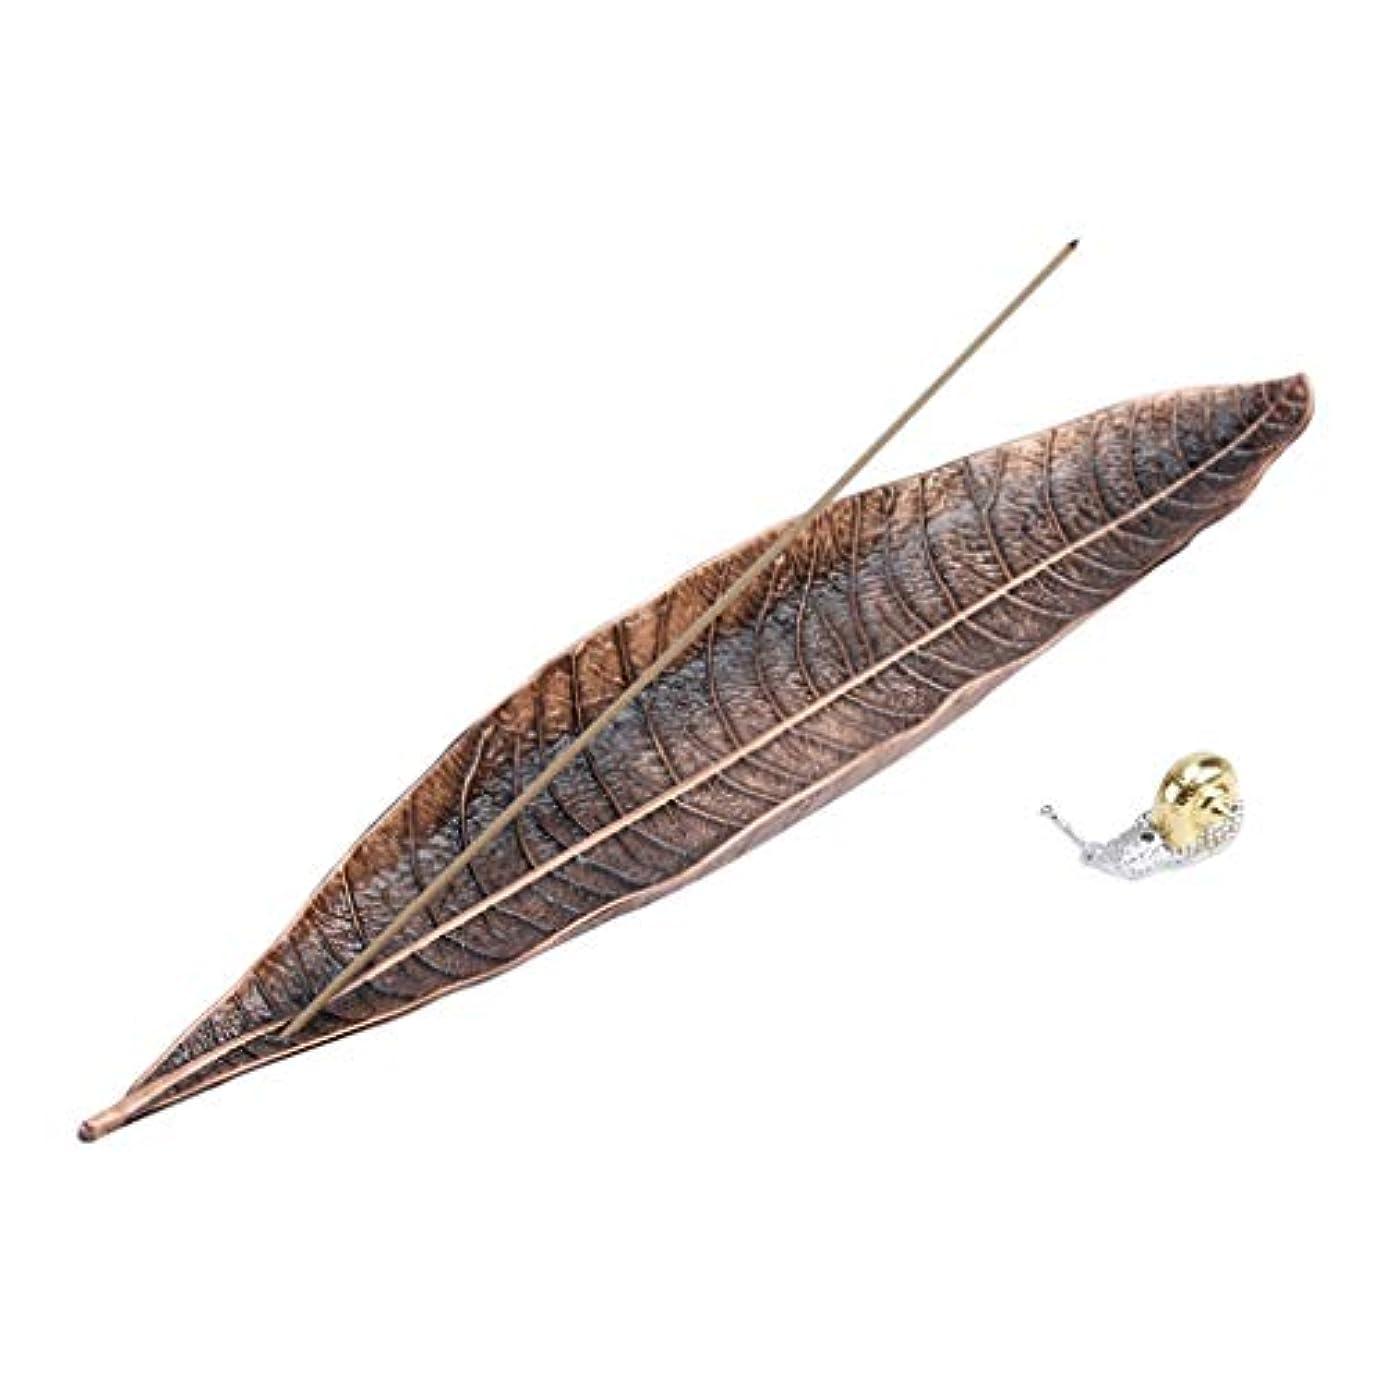 確立乳爆発する芳香器?アロマバーナー カタツムリの香の棒のホールダーの家の装飾の付属品が付いている葉の香のホールダーの灰のキャッチャーの長い香バーナー アロマバーナー芳香器 (Color : A)